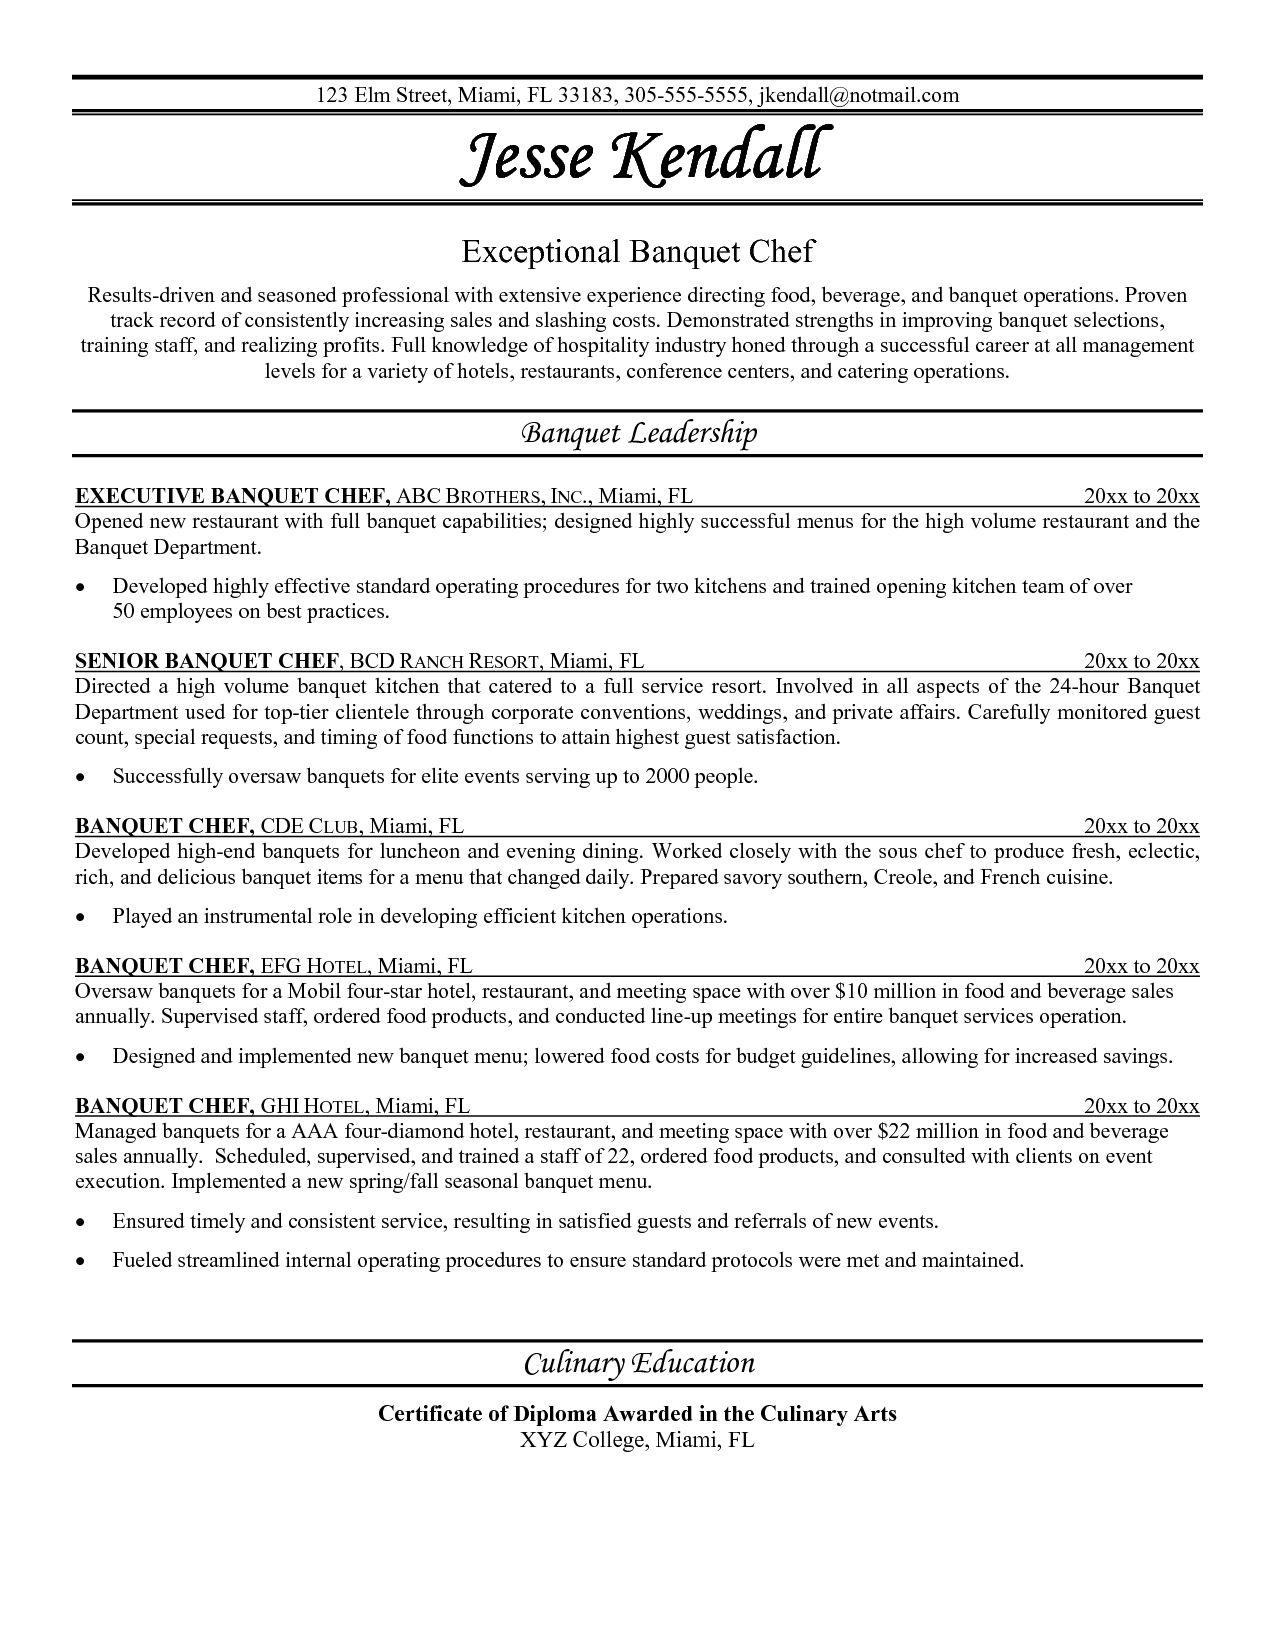 Vistoso Ejemplos De Habilidades De Reanudar Chef Imágenes - Ejemplo ...